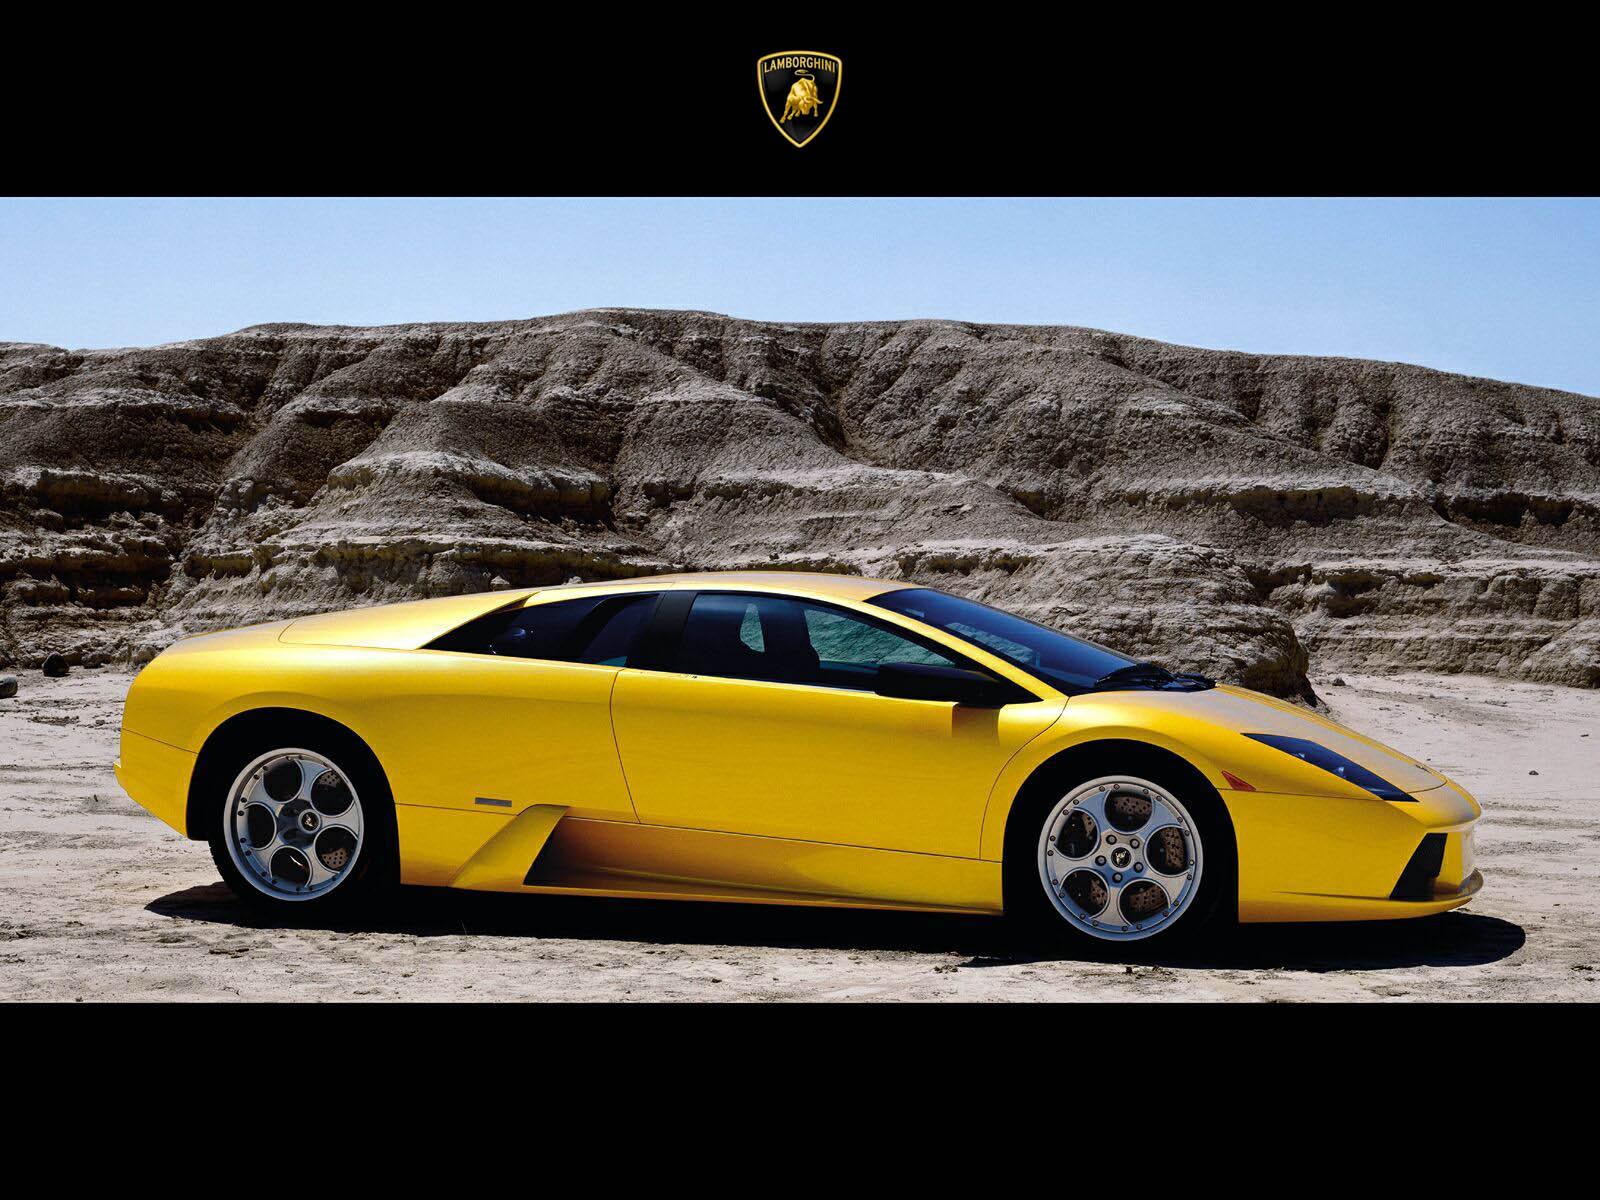 http://2.bp.blogspot.com/-AxqTVc89AFA/TeTt6RkVZGI/AAAAAAAAAP4/7ITSnkbDOqE/s1600/Lamborghini%2BMurcie%2525CC%252581lago%2BWallpapers-13.jpg